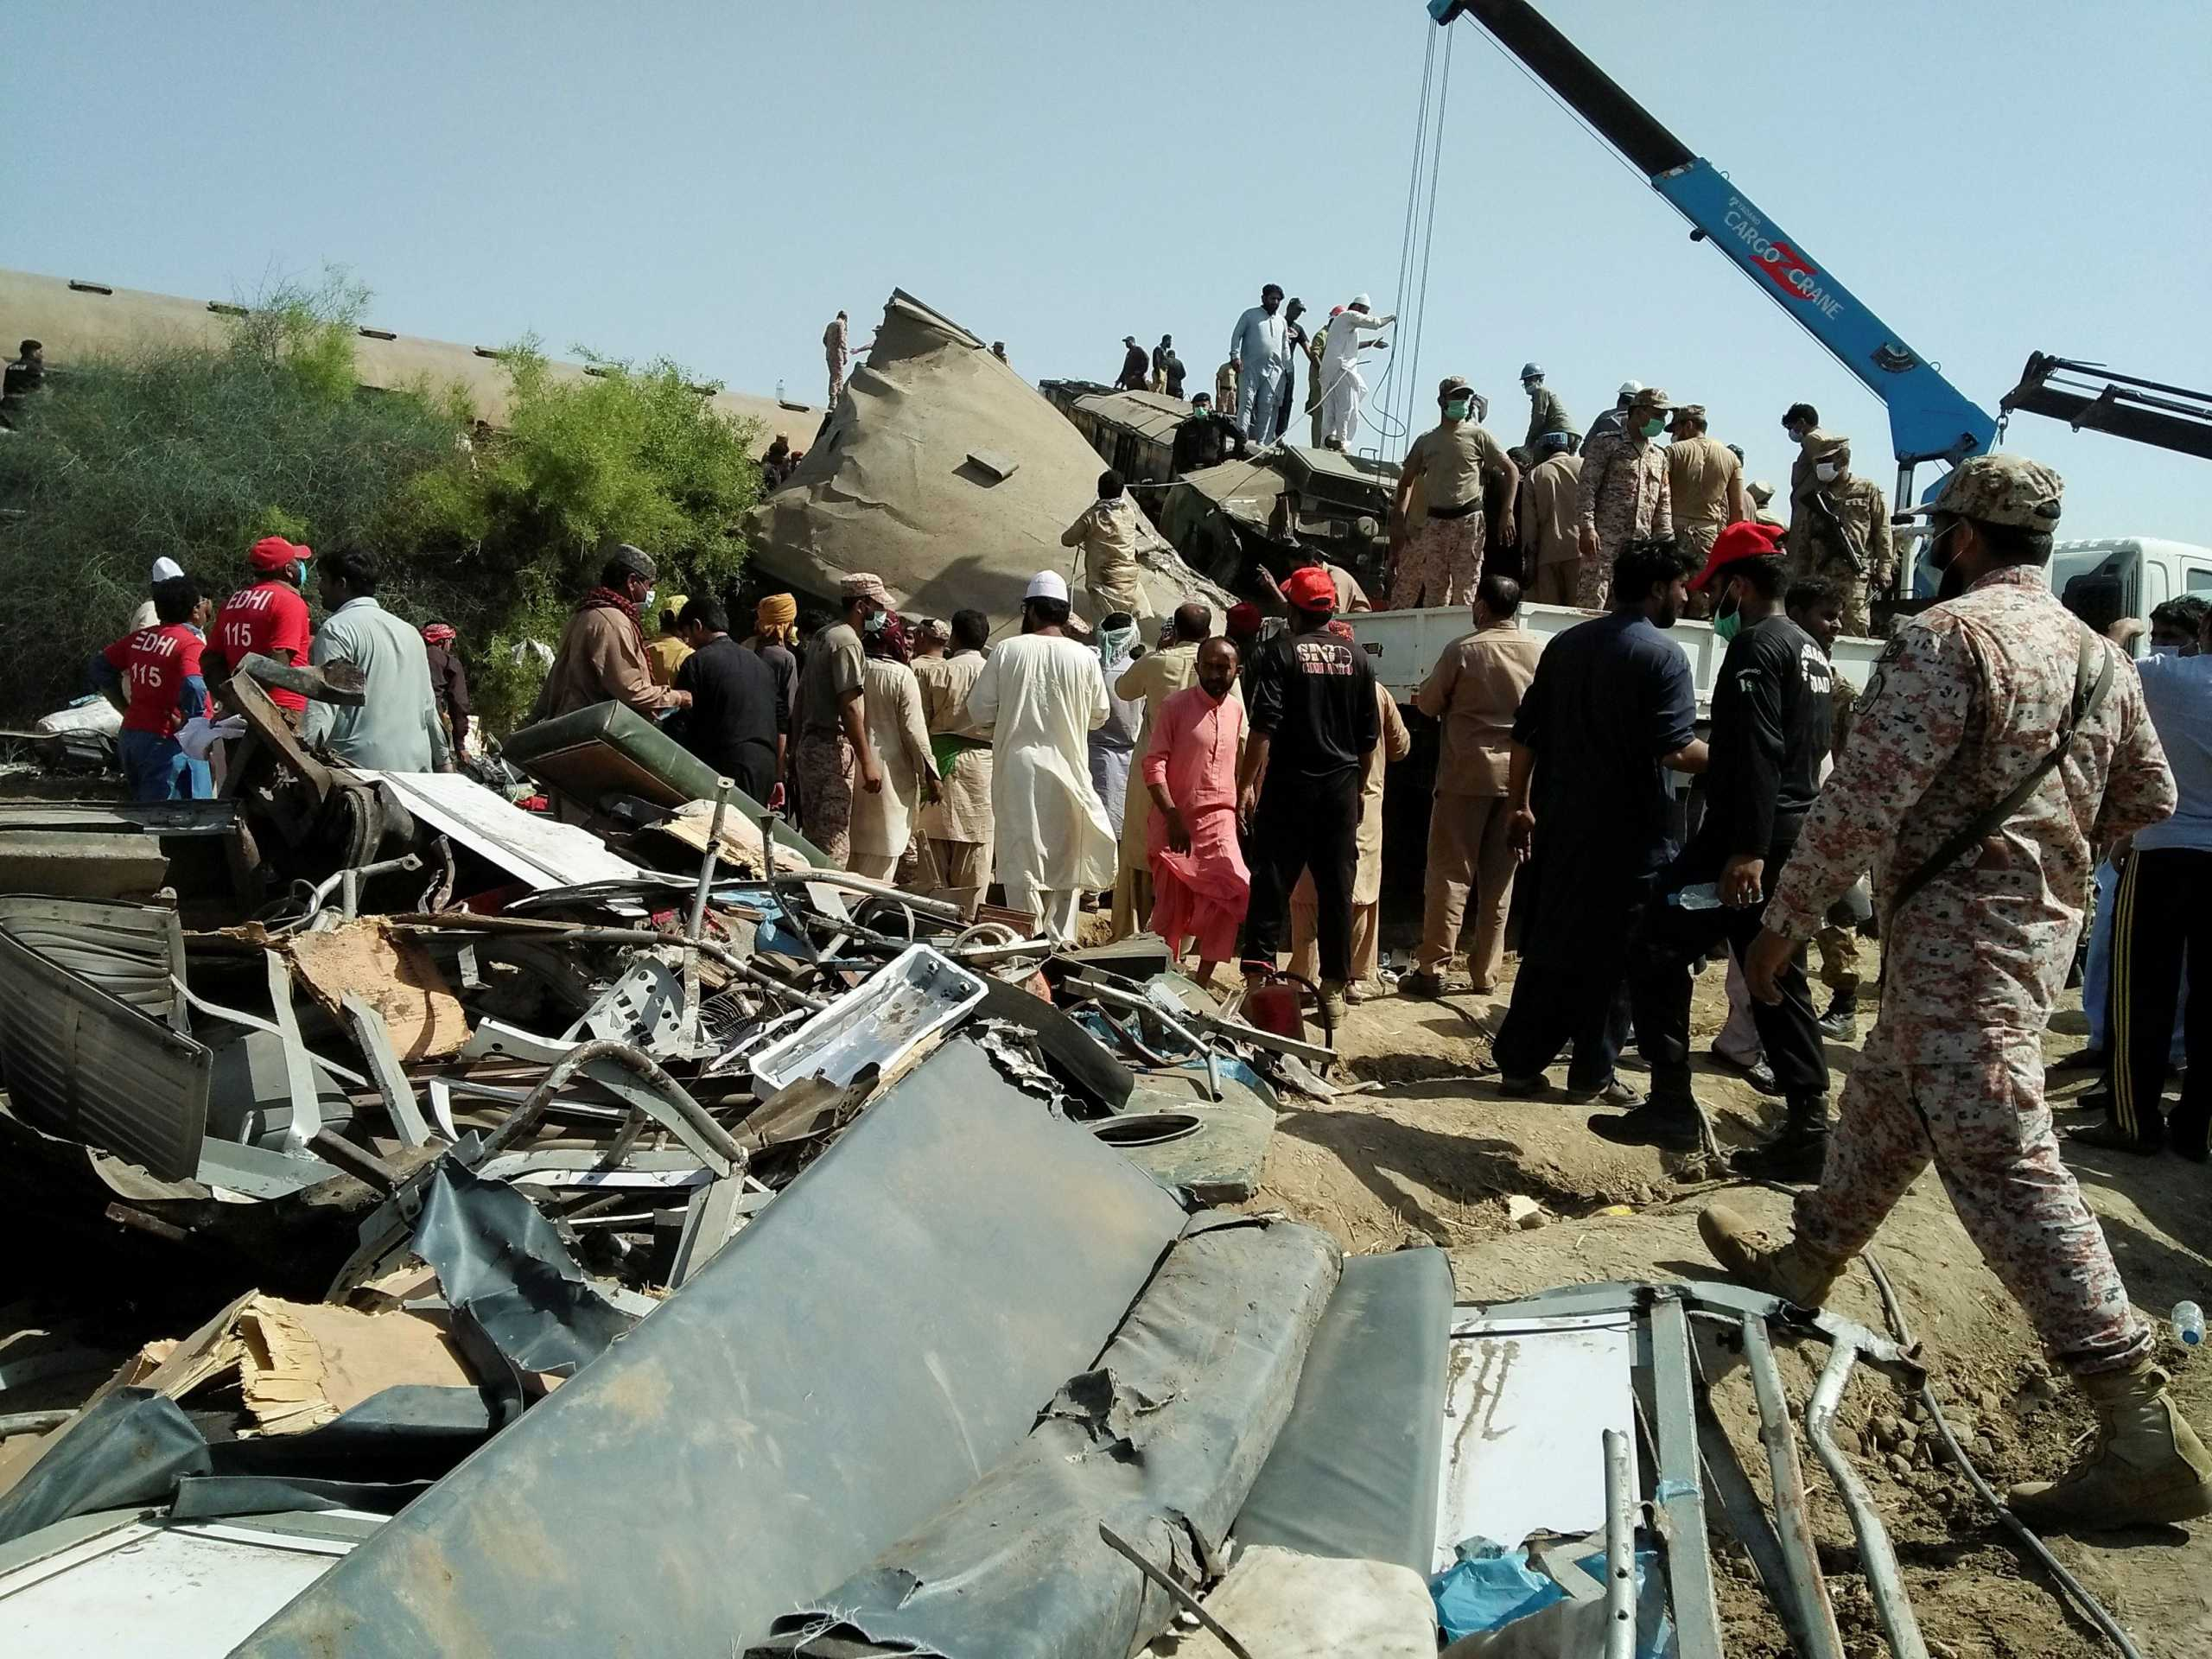 Τραγωδία στο Πακιστάν: Δεκάδες νεκροί και τραυματίες σε σύγκρουση τρένων